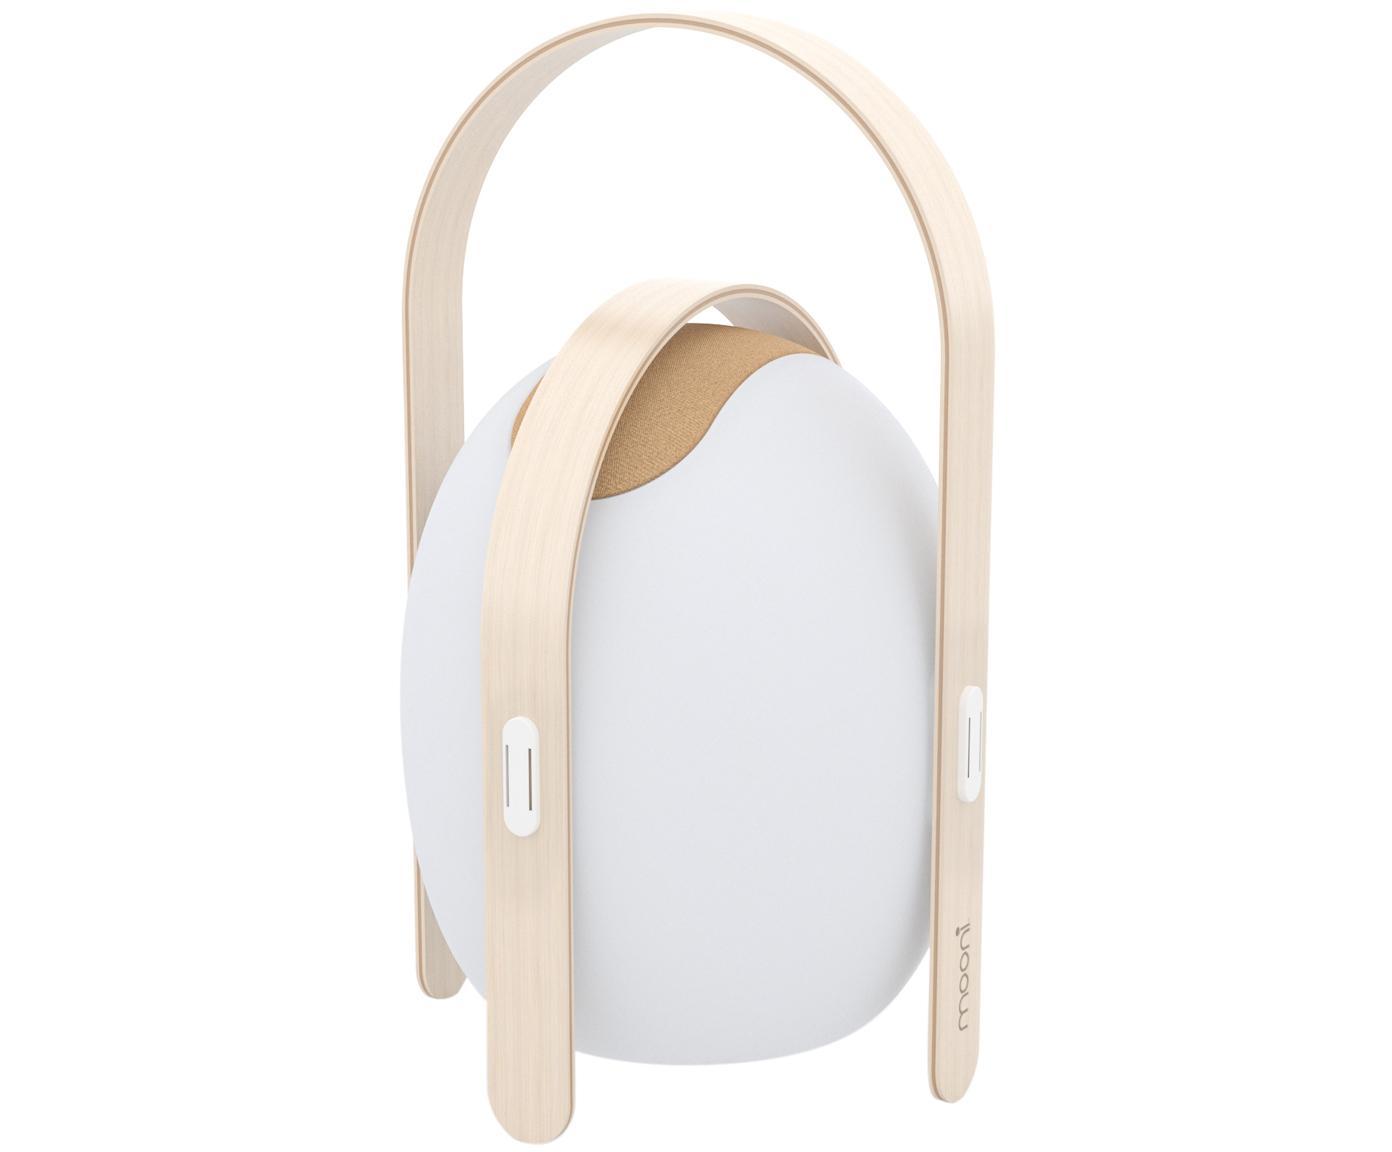 Mobiele outdoor LED lamp met luidspreker Ovo, Lampenkap: kunststof (LDPE), Frame: iepenhout met berkenhoutf, Wit, lichtbruin, Ø 24 x H 39 cm